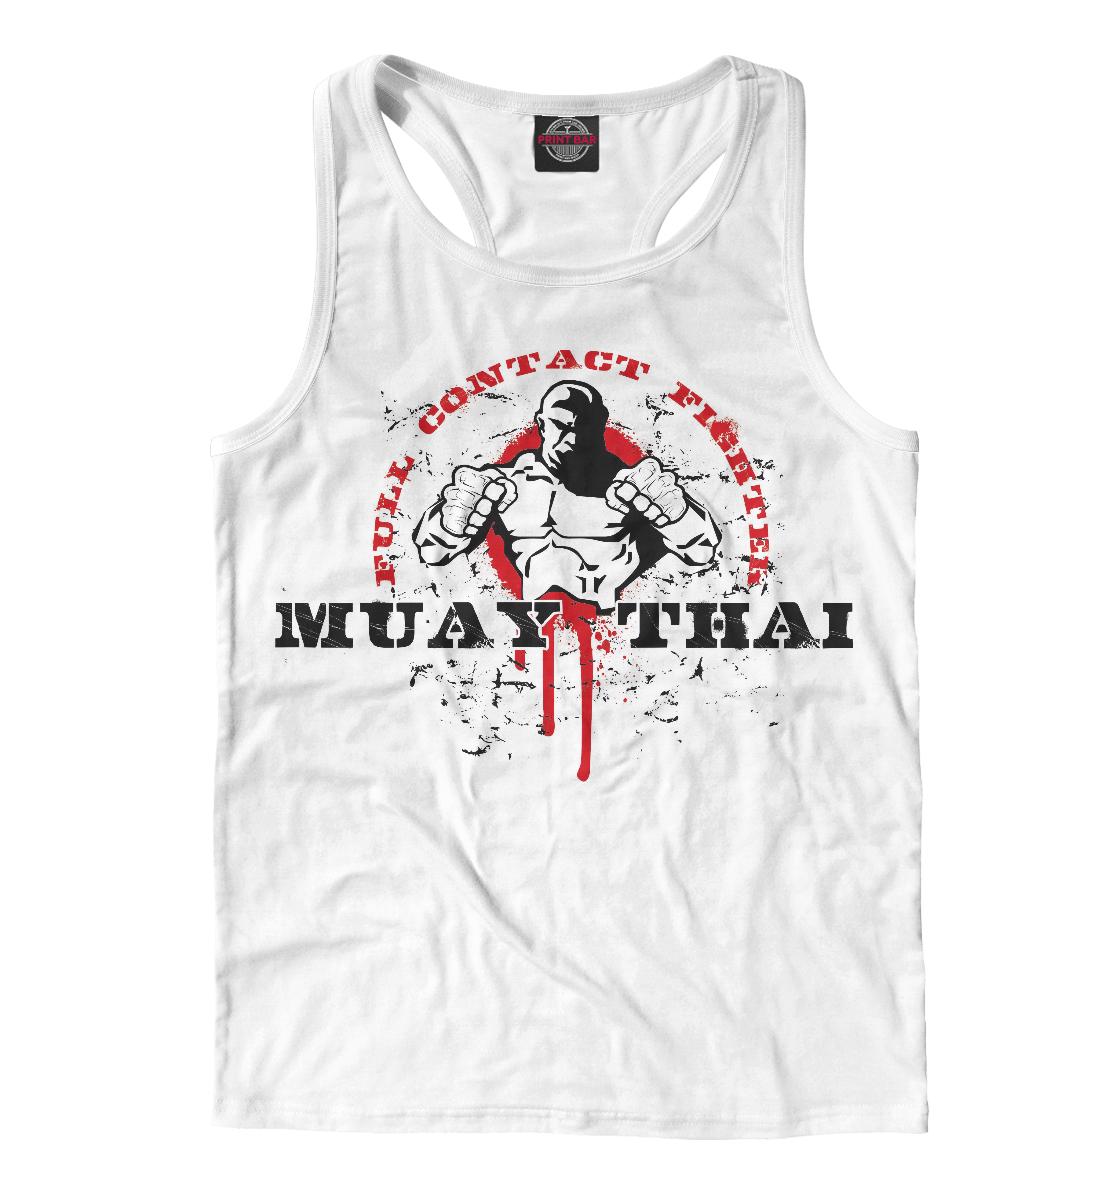 Купить Тайский бокс, Printbar, Майки борцовки, EDI-851953-mayb-2